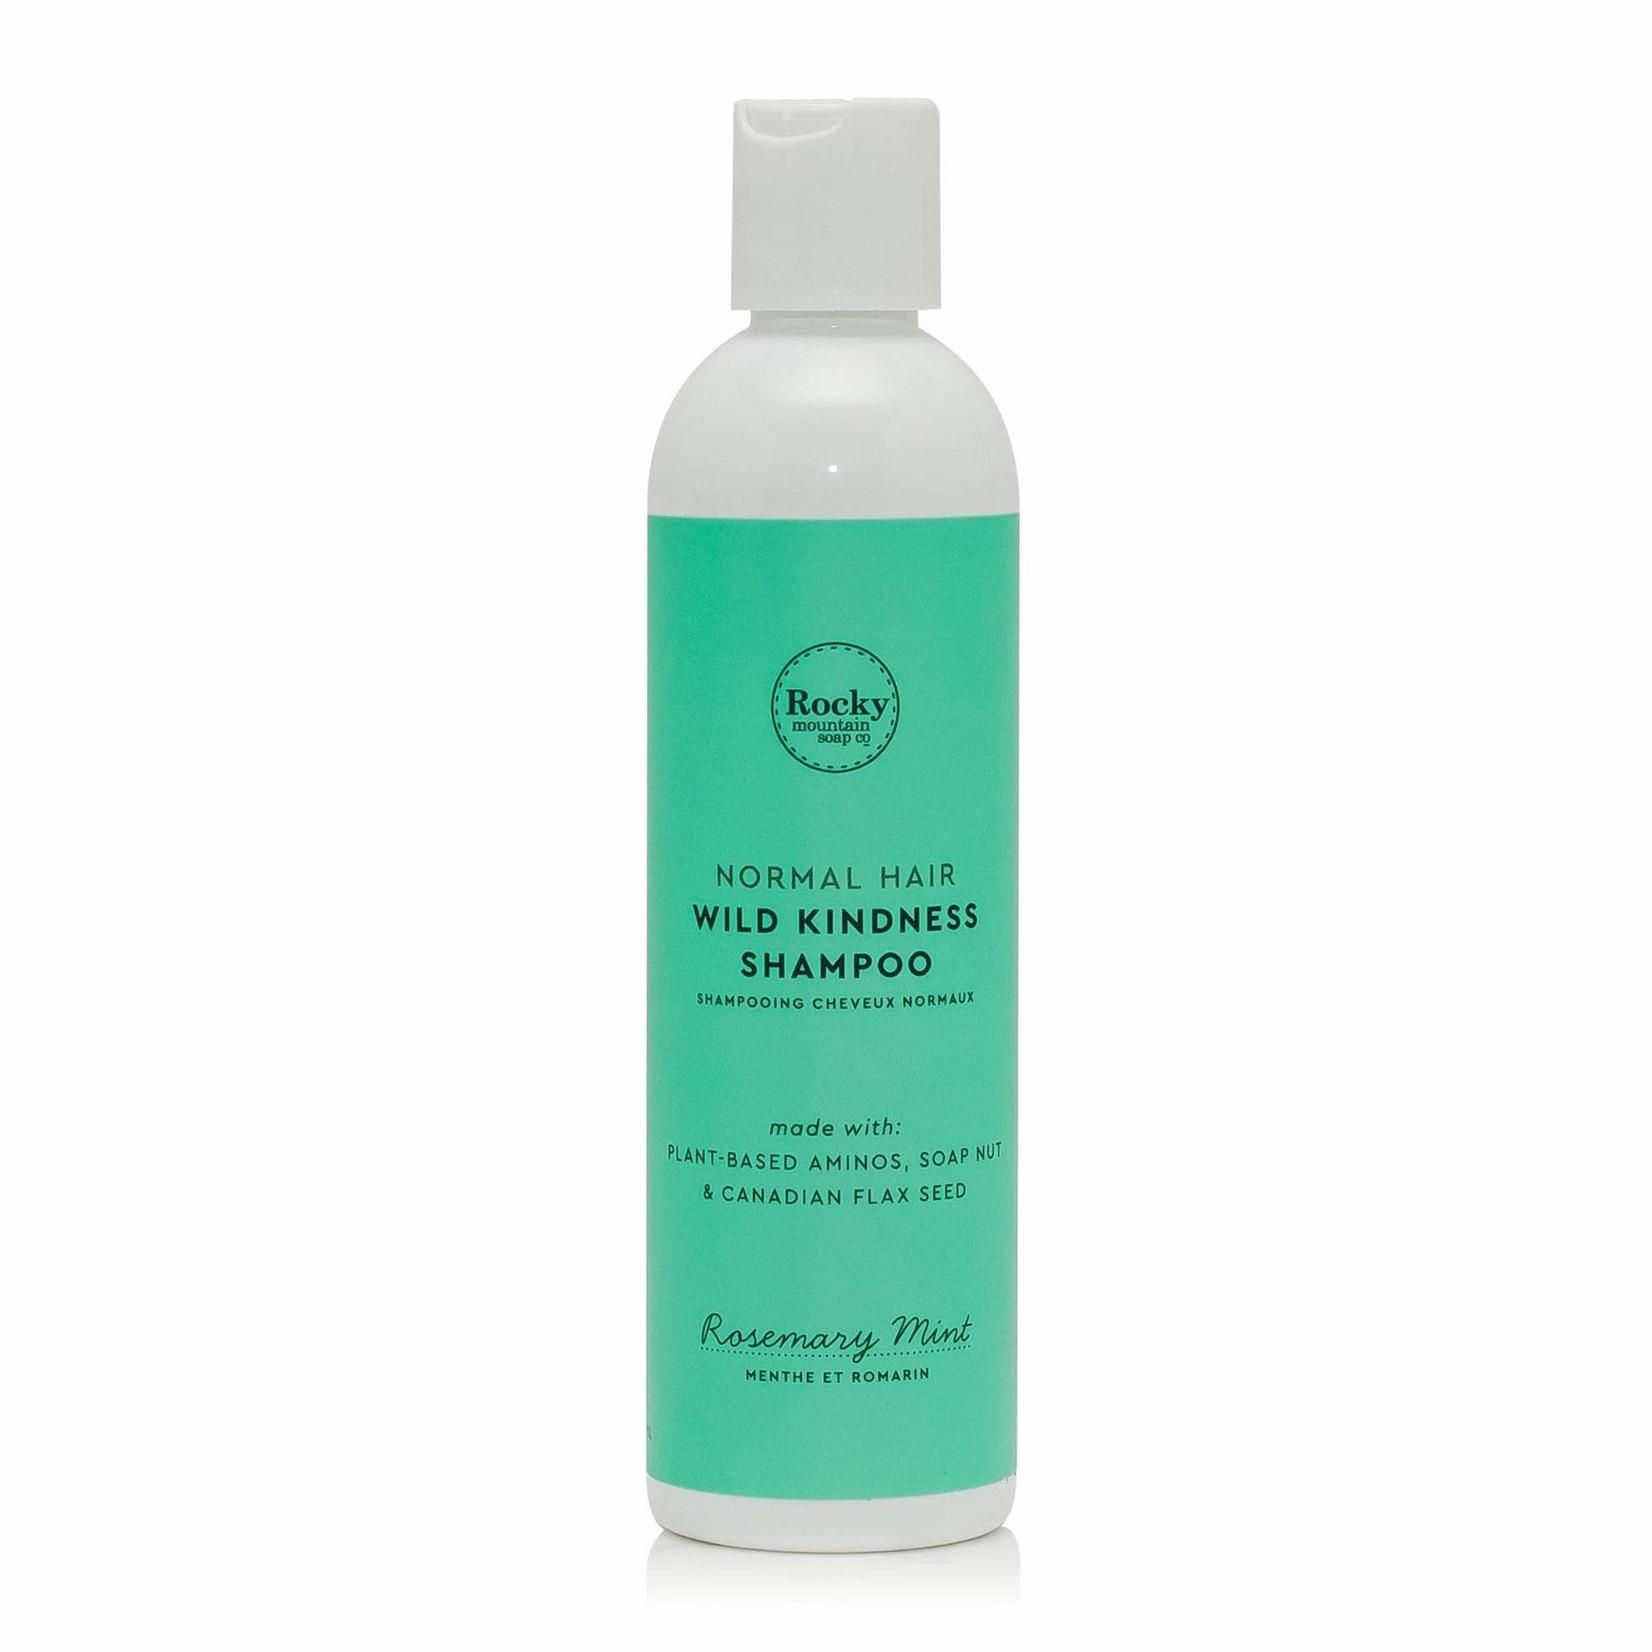 ROCKY MOUNTAIN SOAP CO. NORMAL HAIR WILD KINDNESS SHAMPOO - ROSEMARY MINT